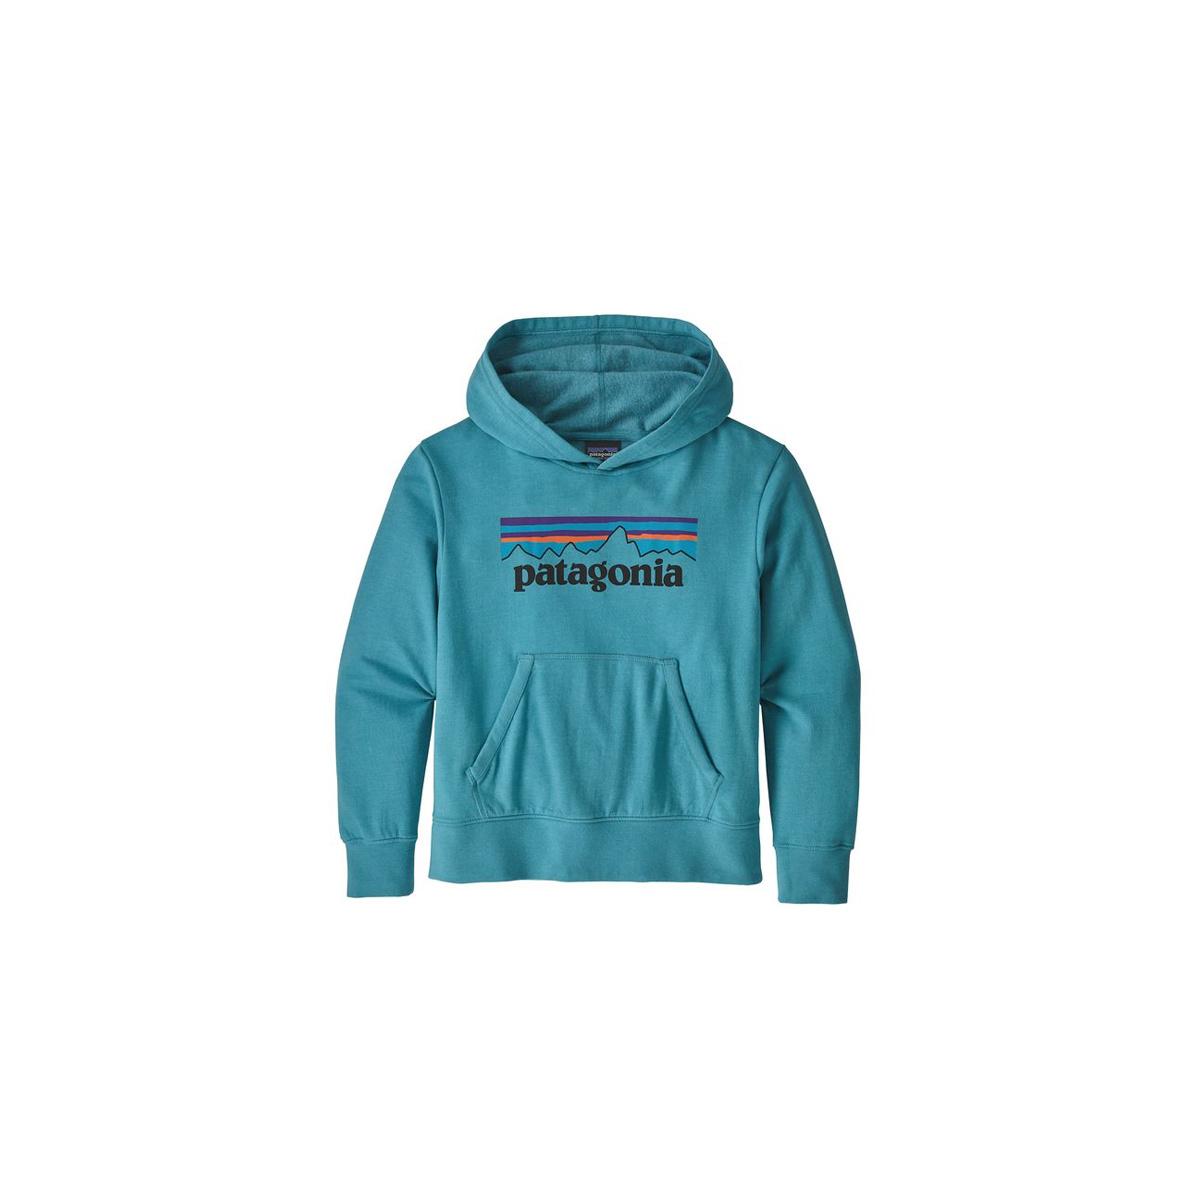 Patagonia Kid's Light Weight Graphic Hoody Sweatshirt